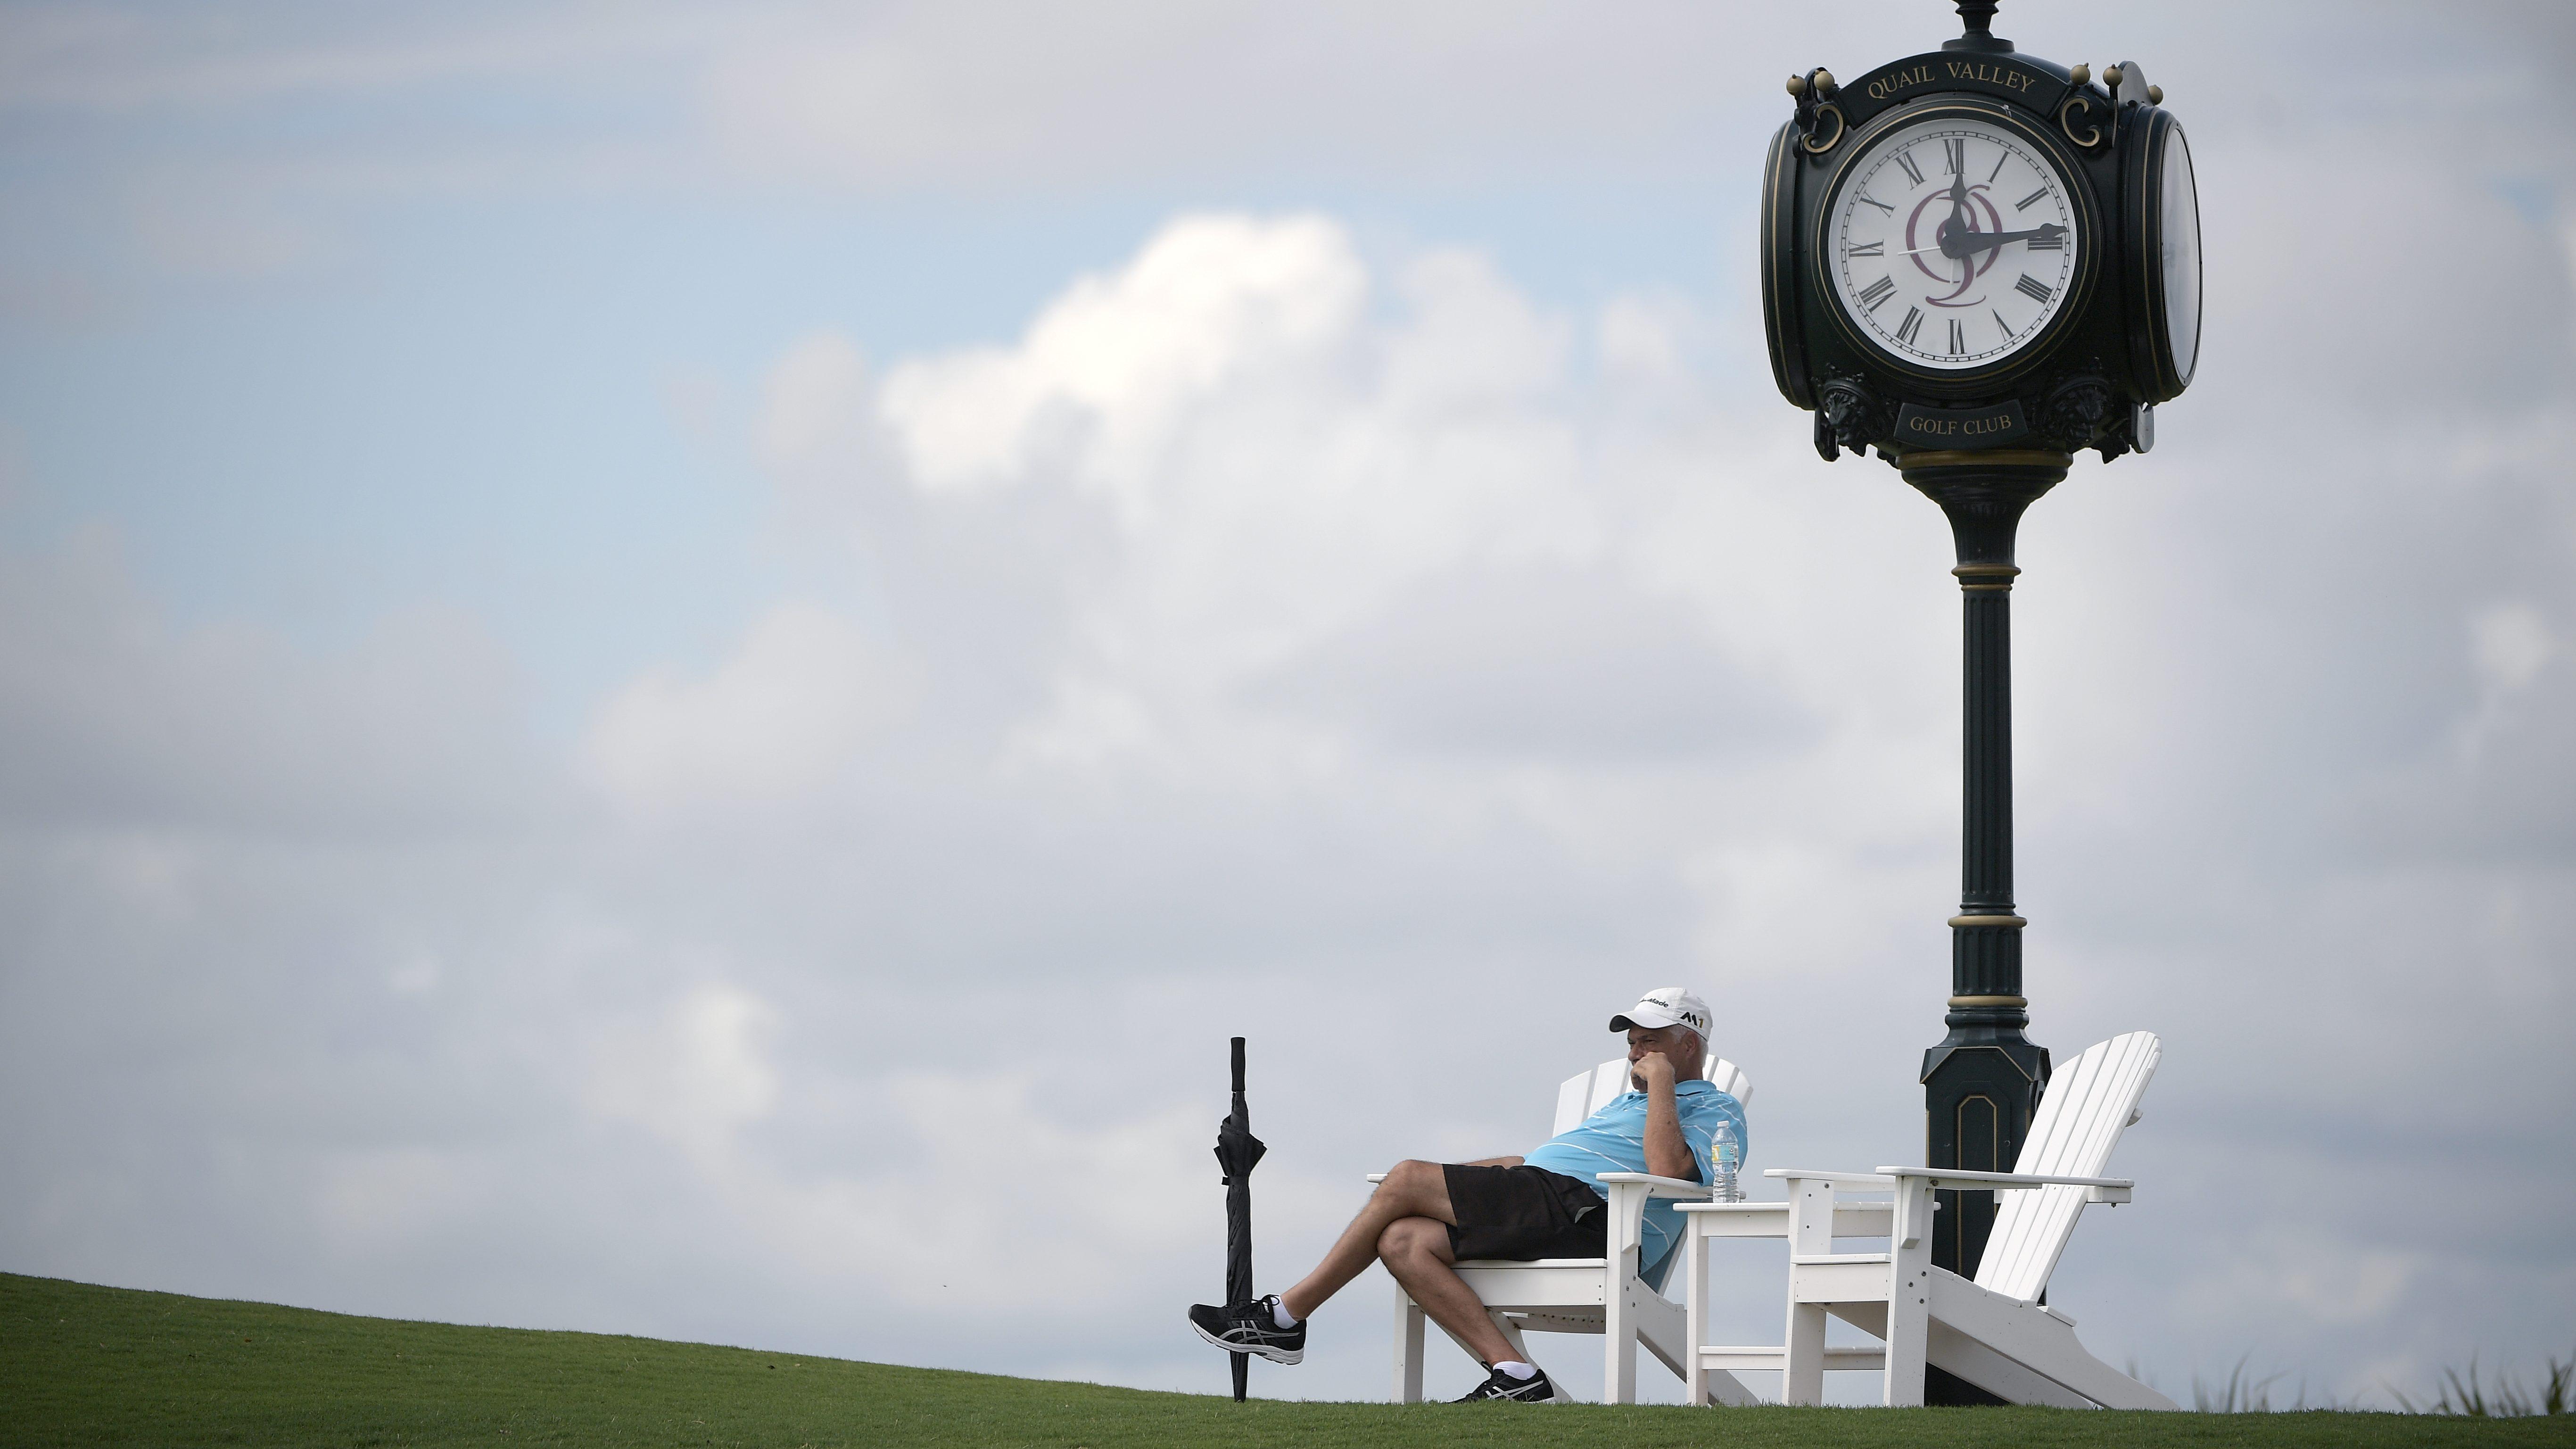 A spectator watches golf under a cloc